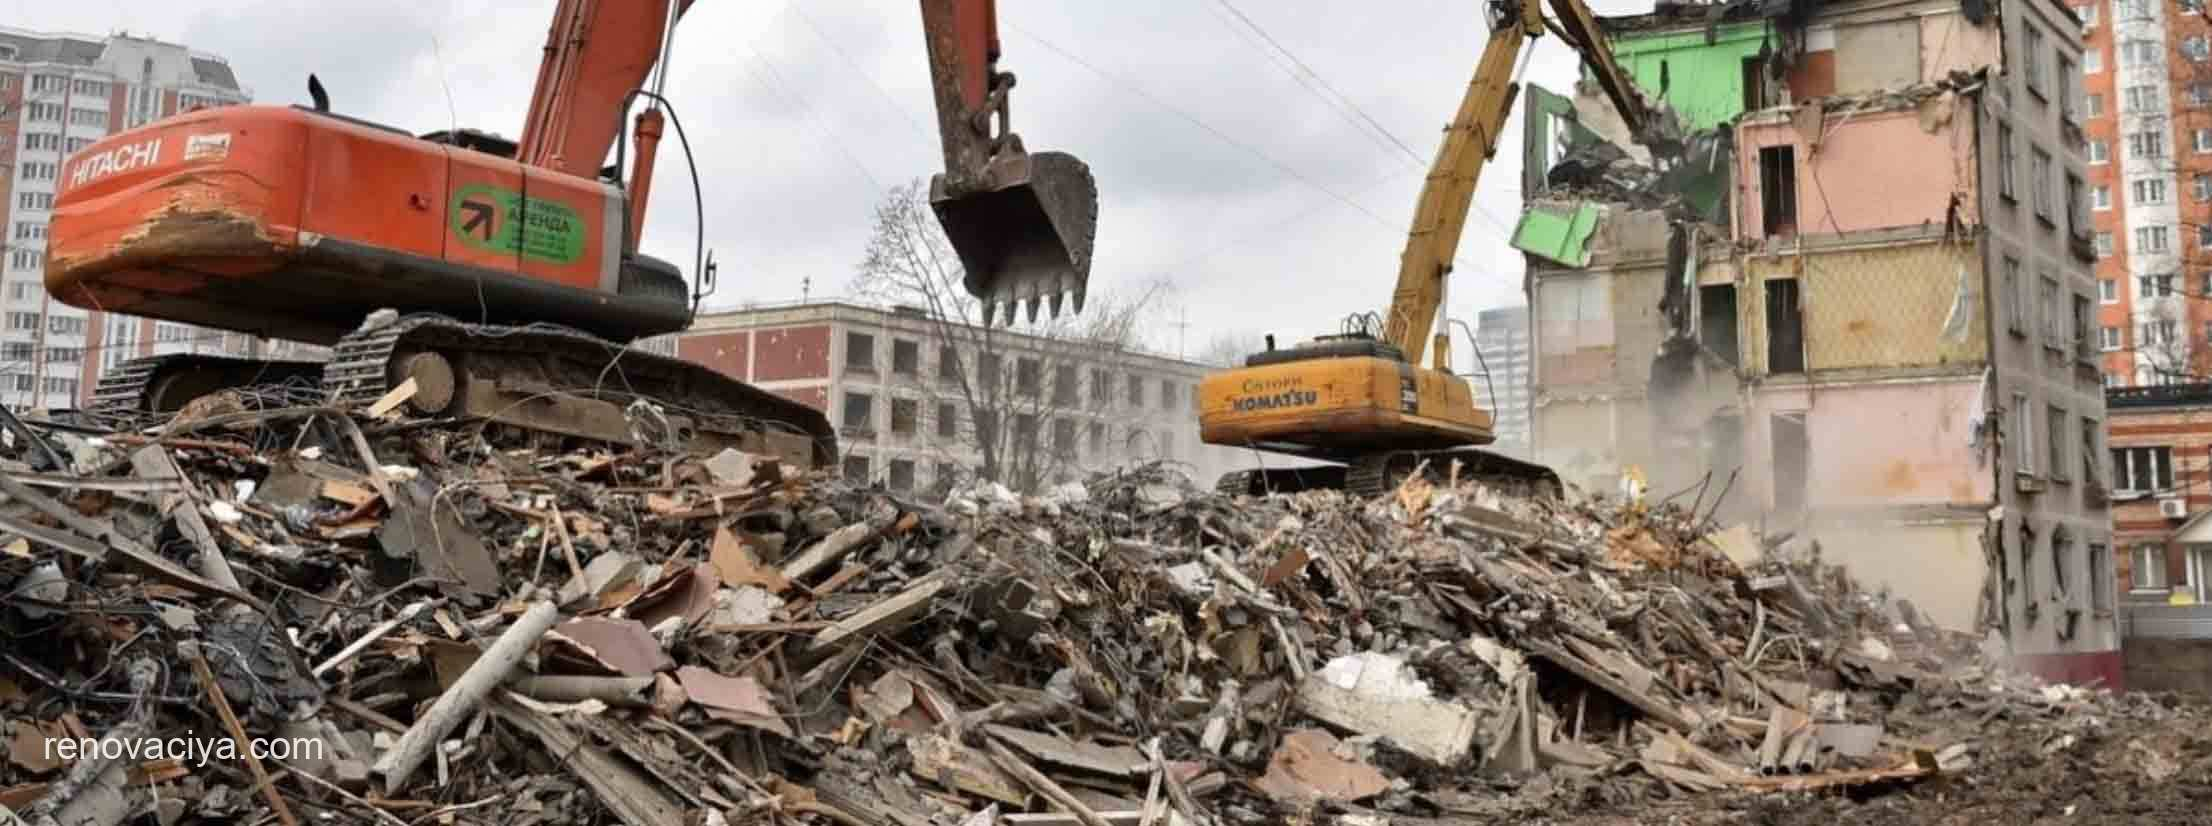 В Москве снесено четыре дома по реновации